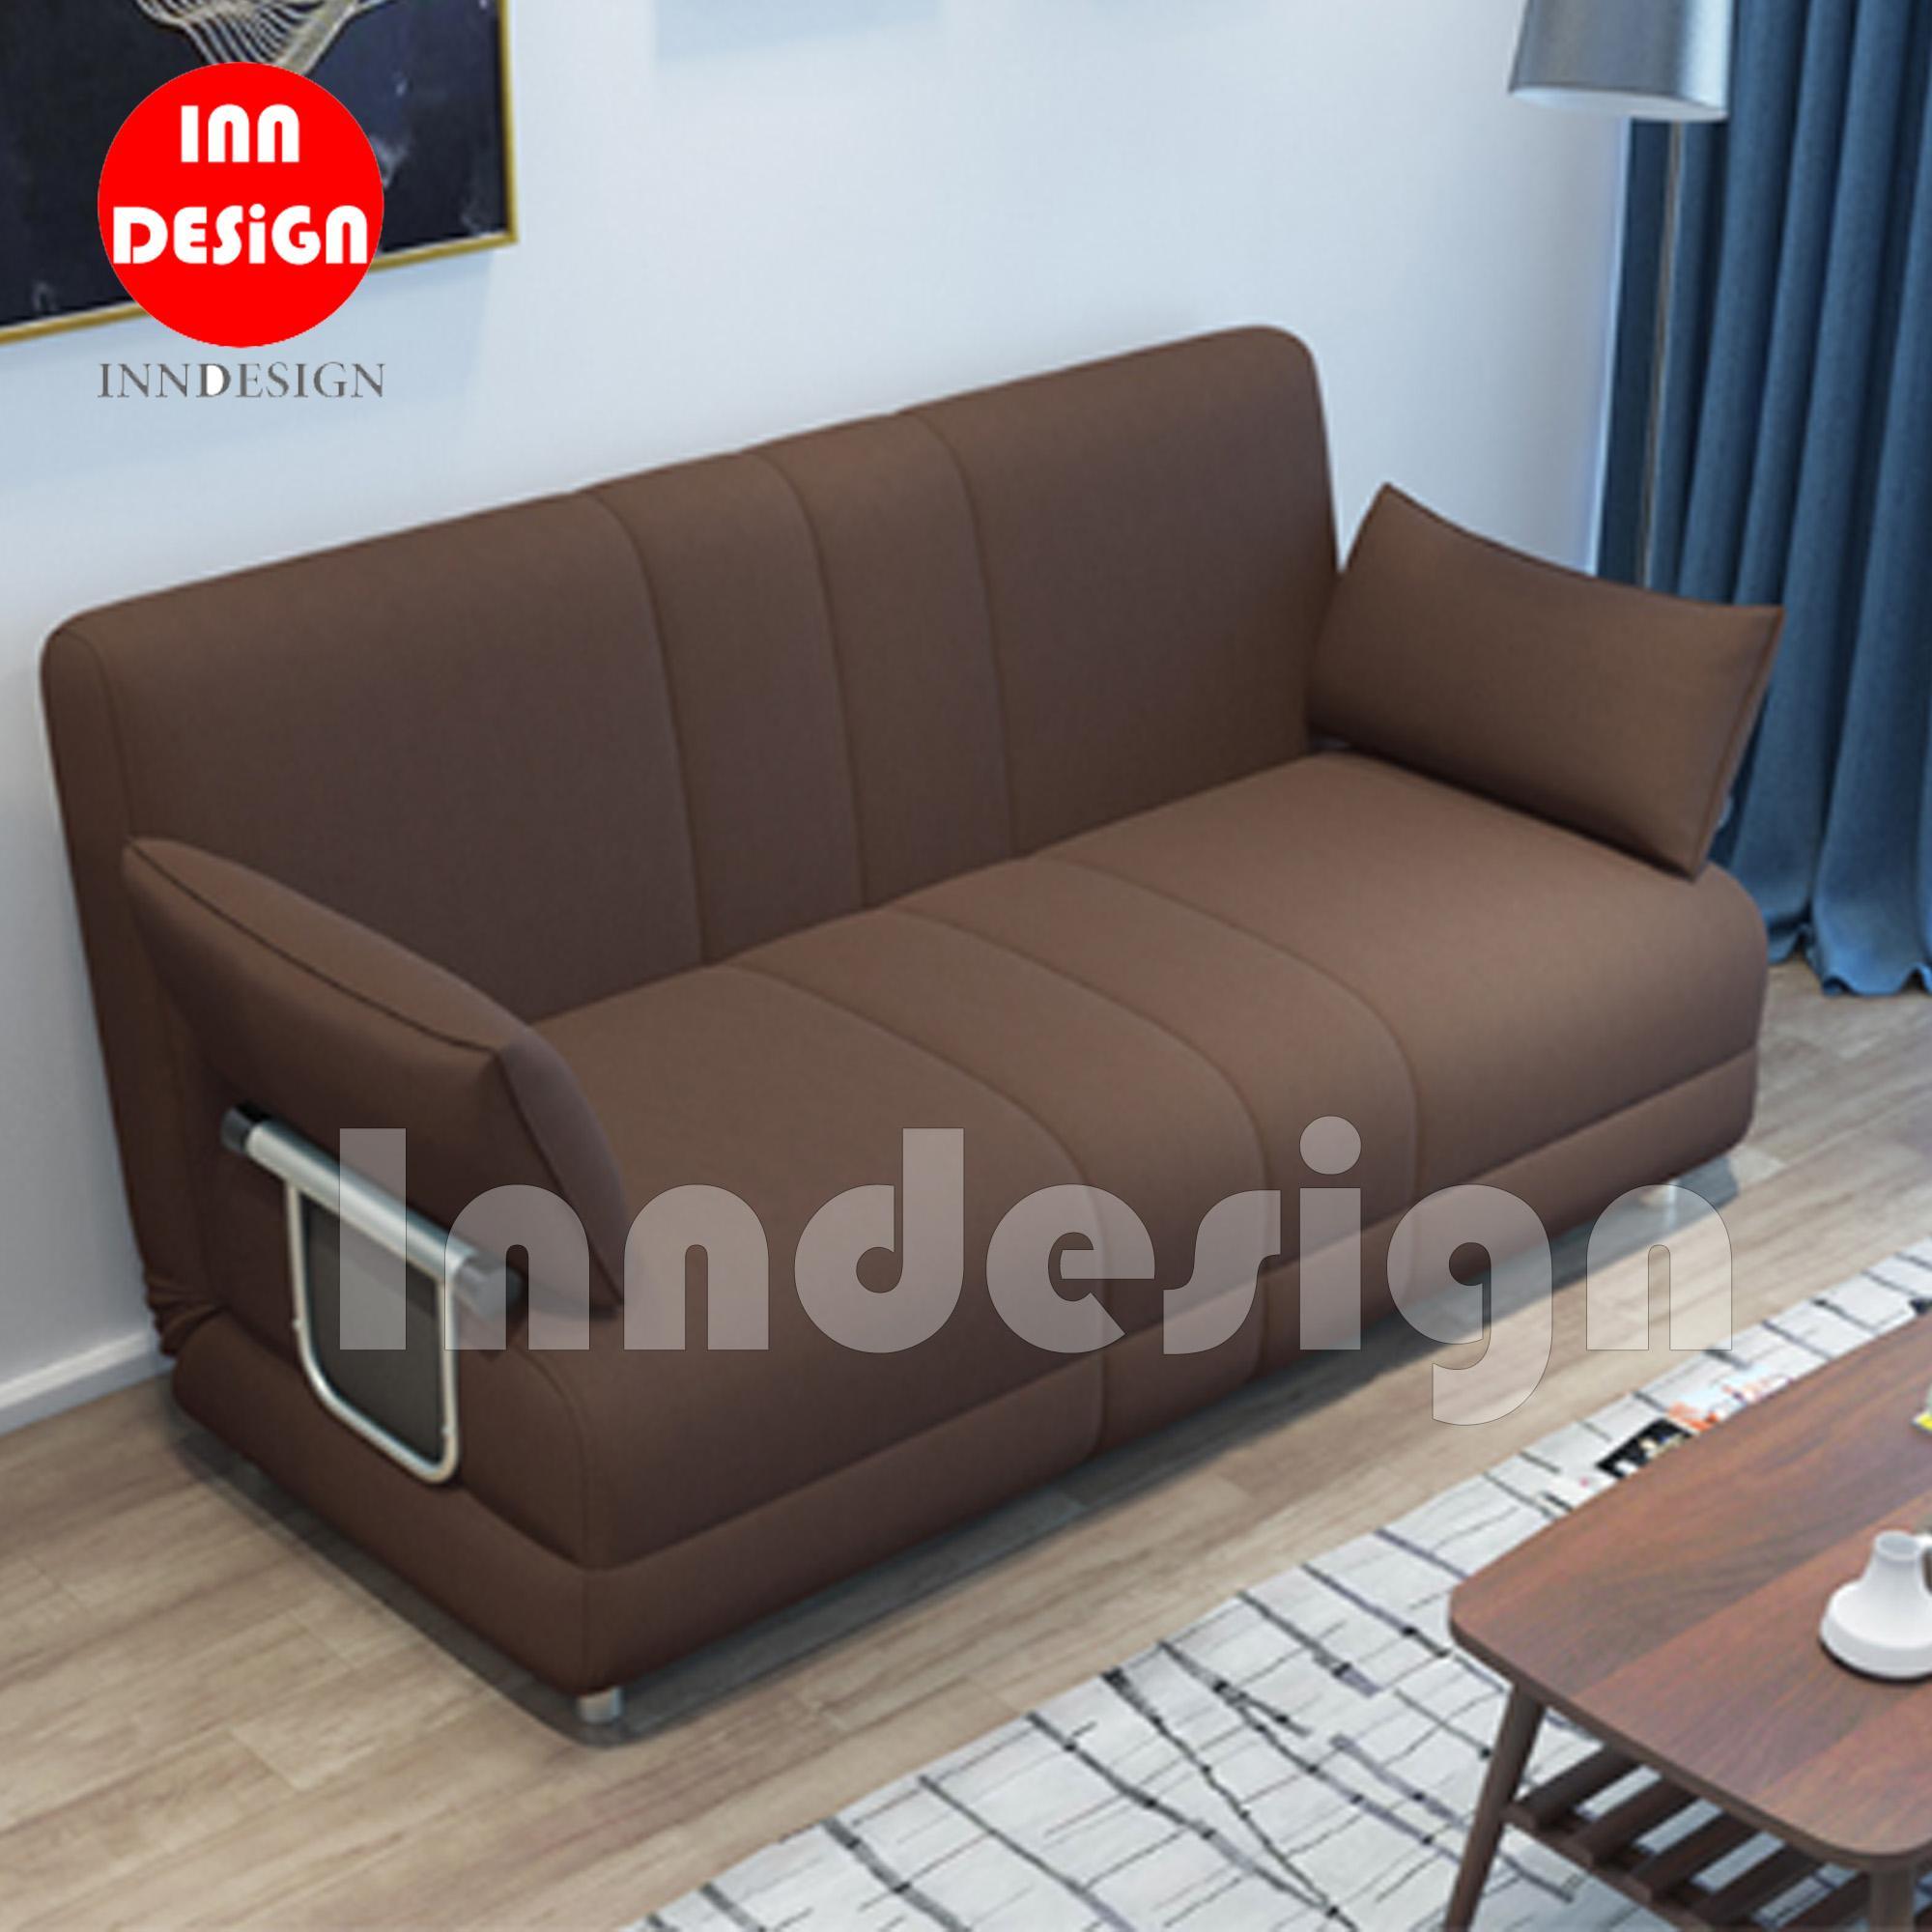 Zaka Multi Purpose 120m Sofa Bed